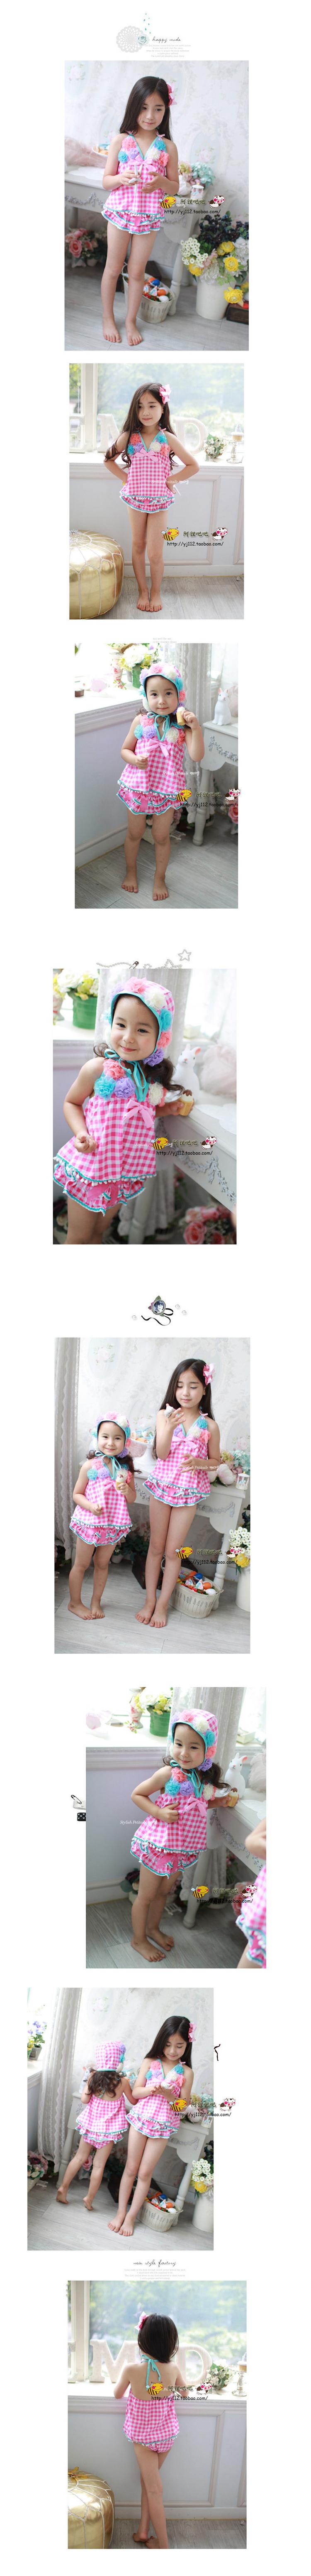 Hình ảnh nguồn hàng Set áo nón bơi bé gái hai mảnh sọc nhỏ dễ thương giá sỉ quảng châu taobao 1688 trung quốc về TpHCM